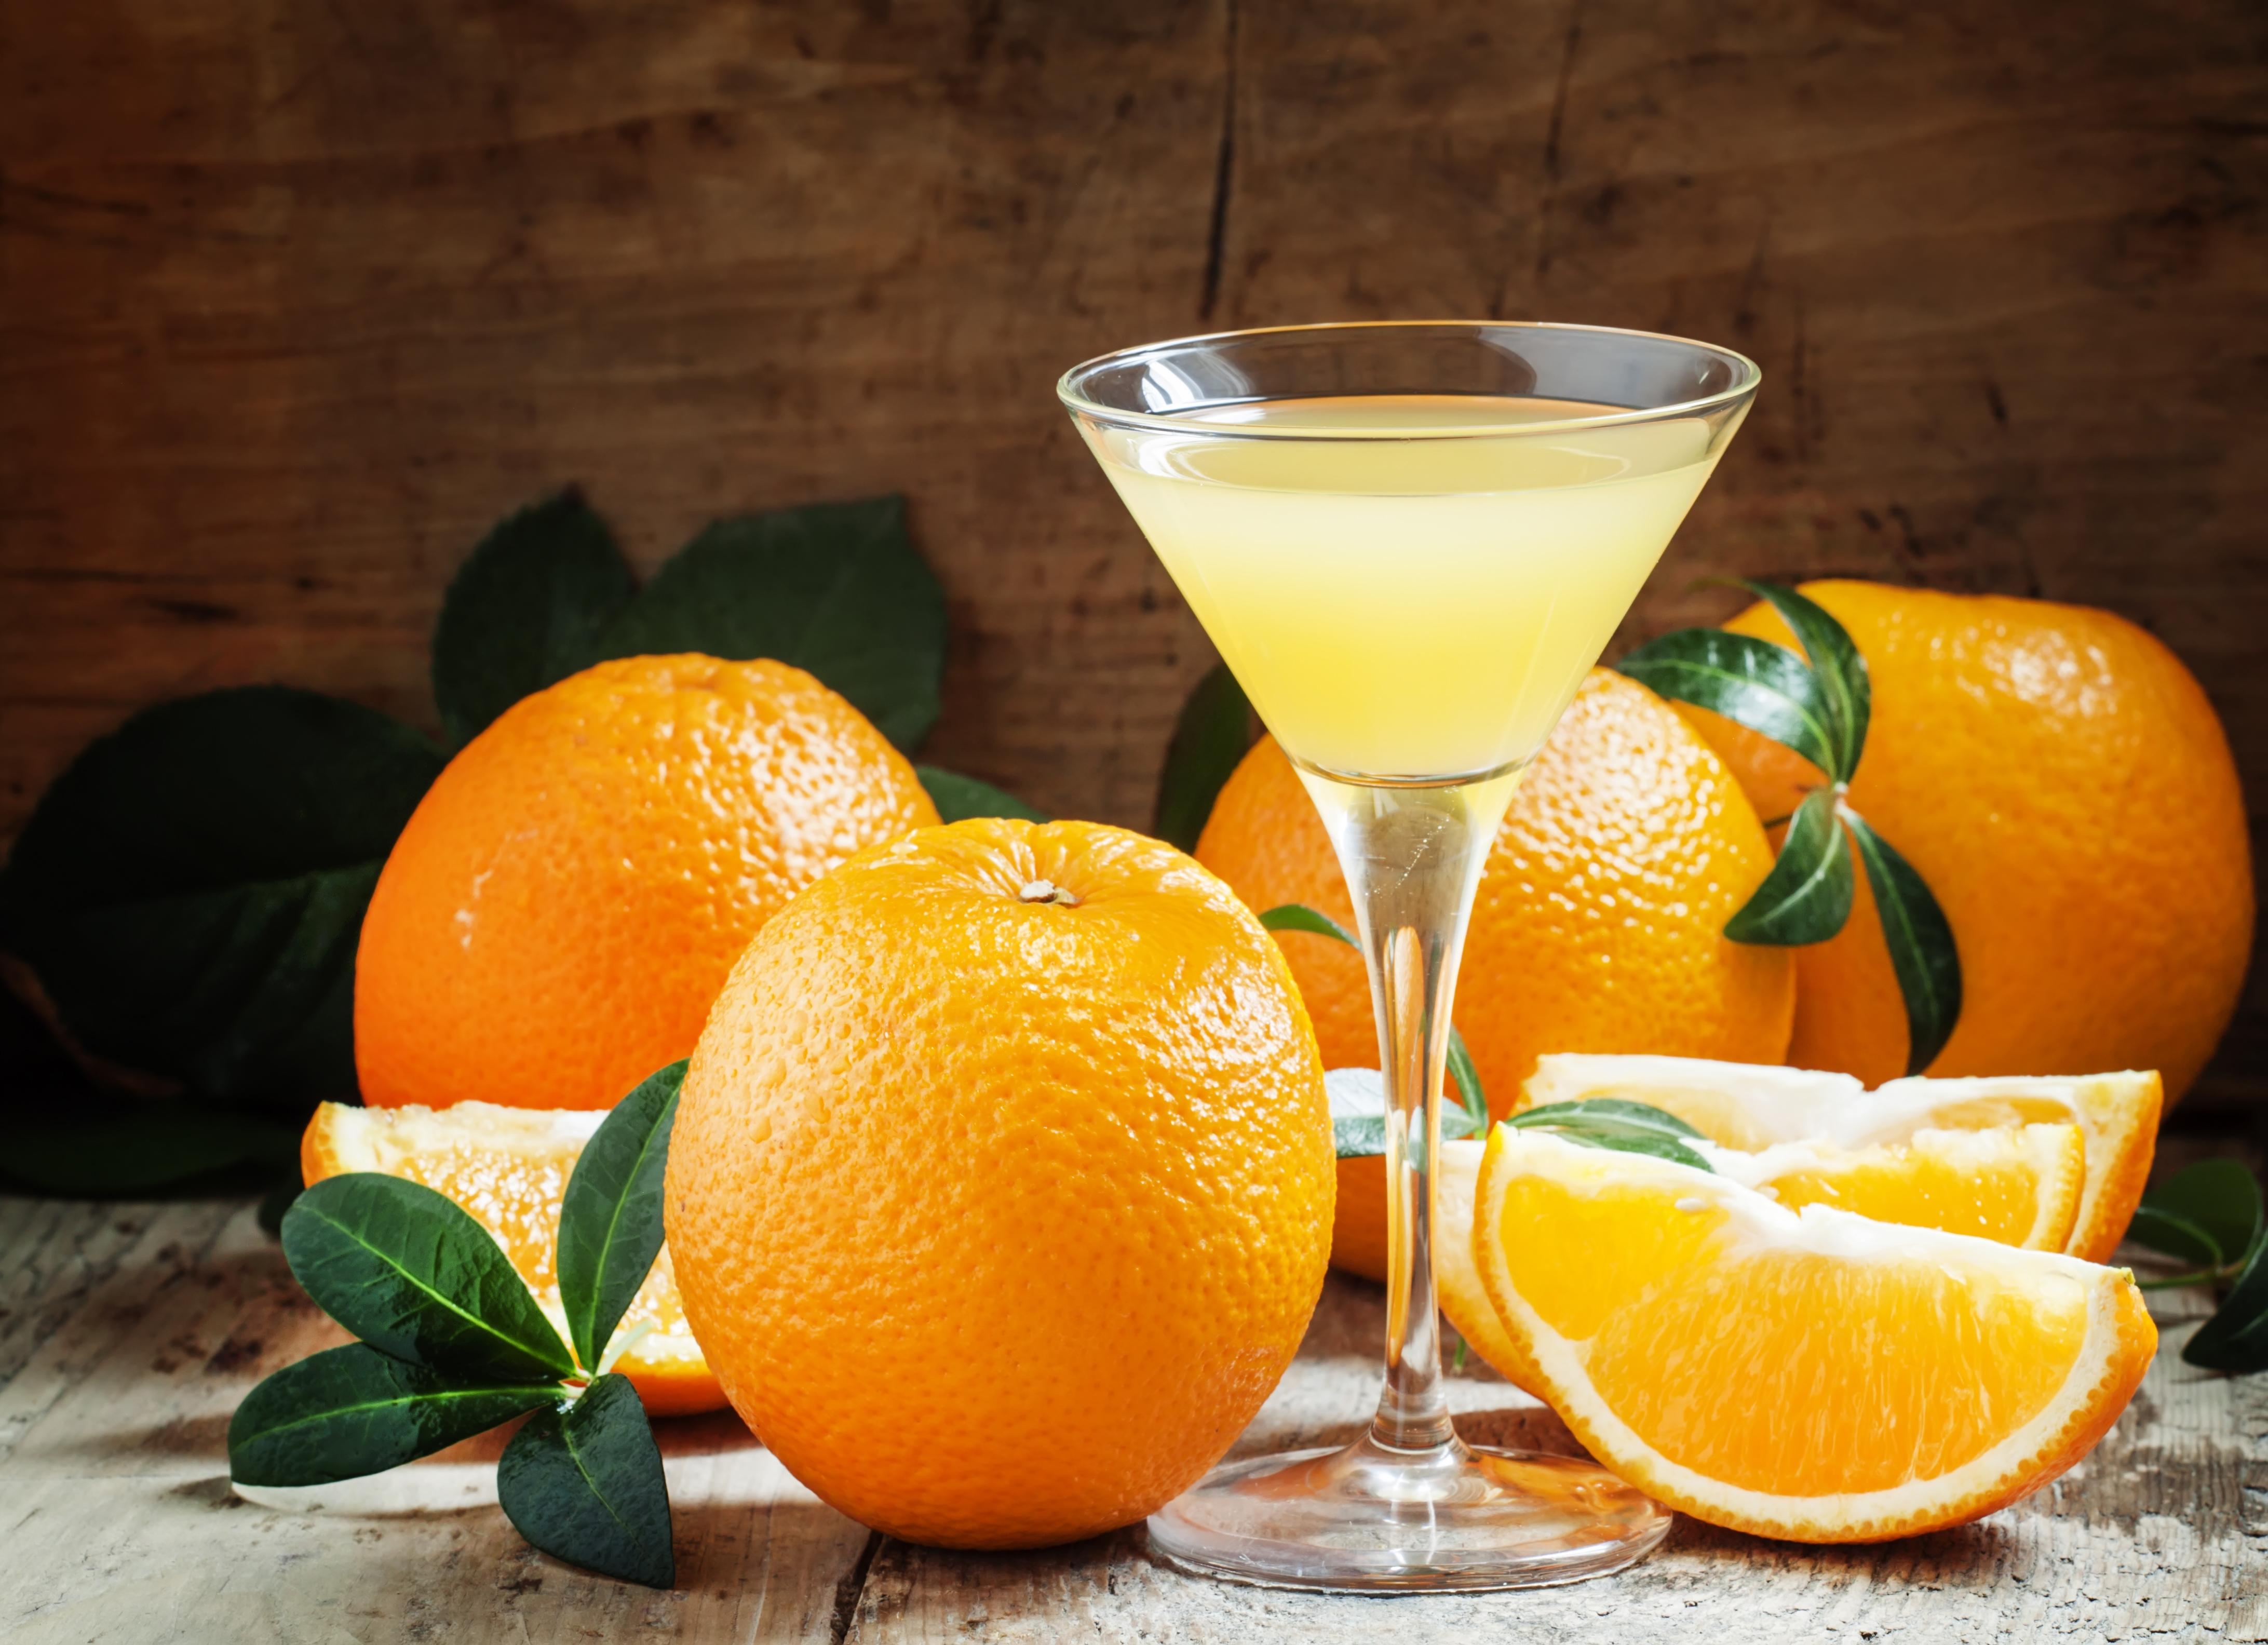 Оранчелло из апельсинов – домашний алкогольный напиток